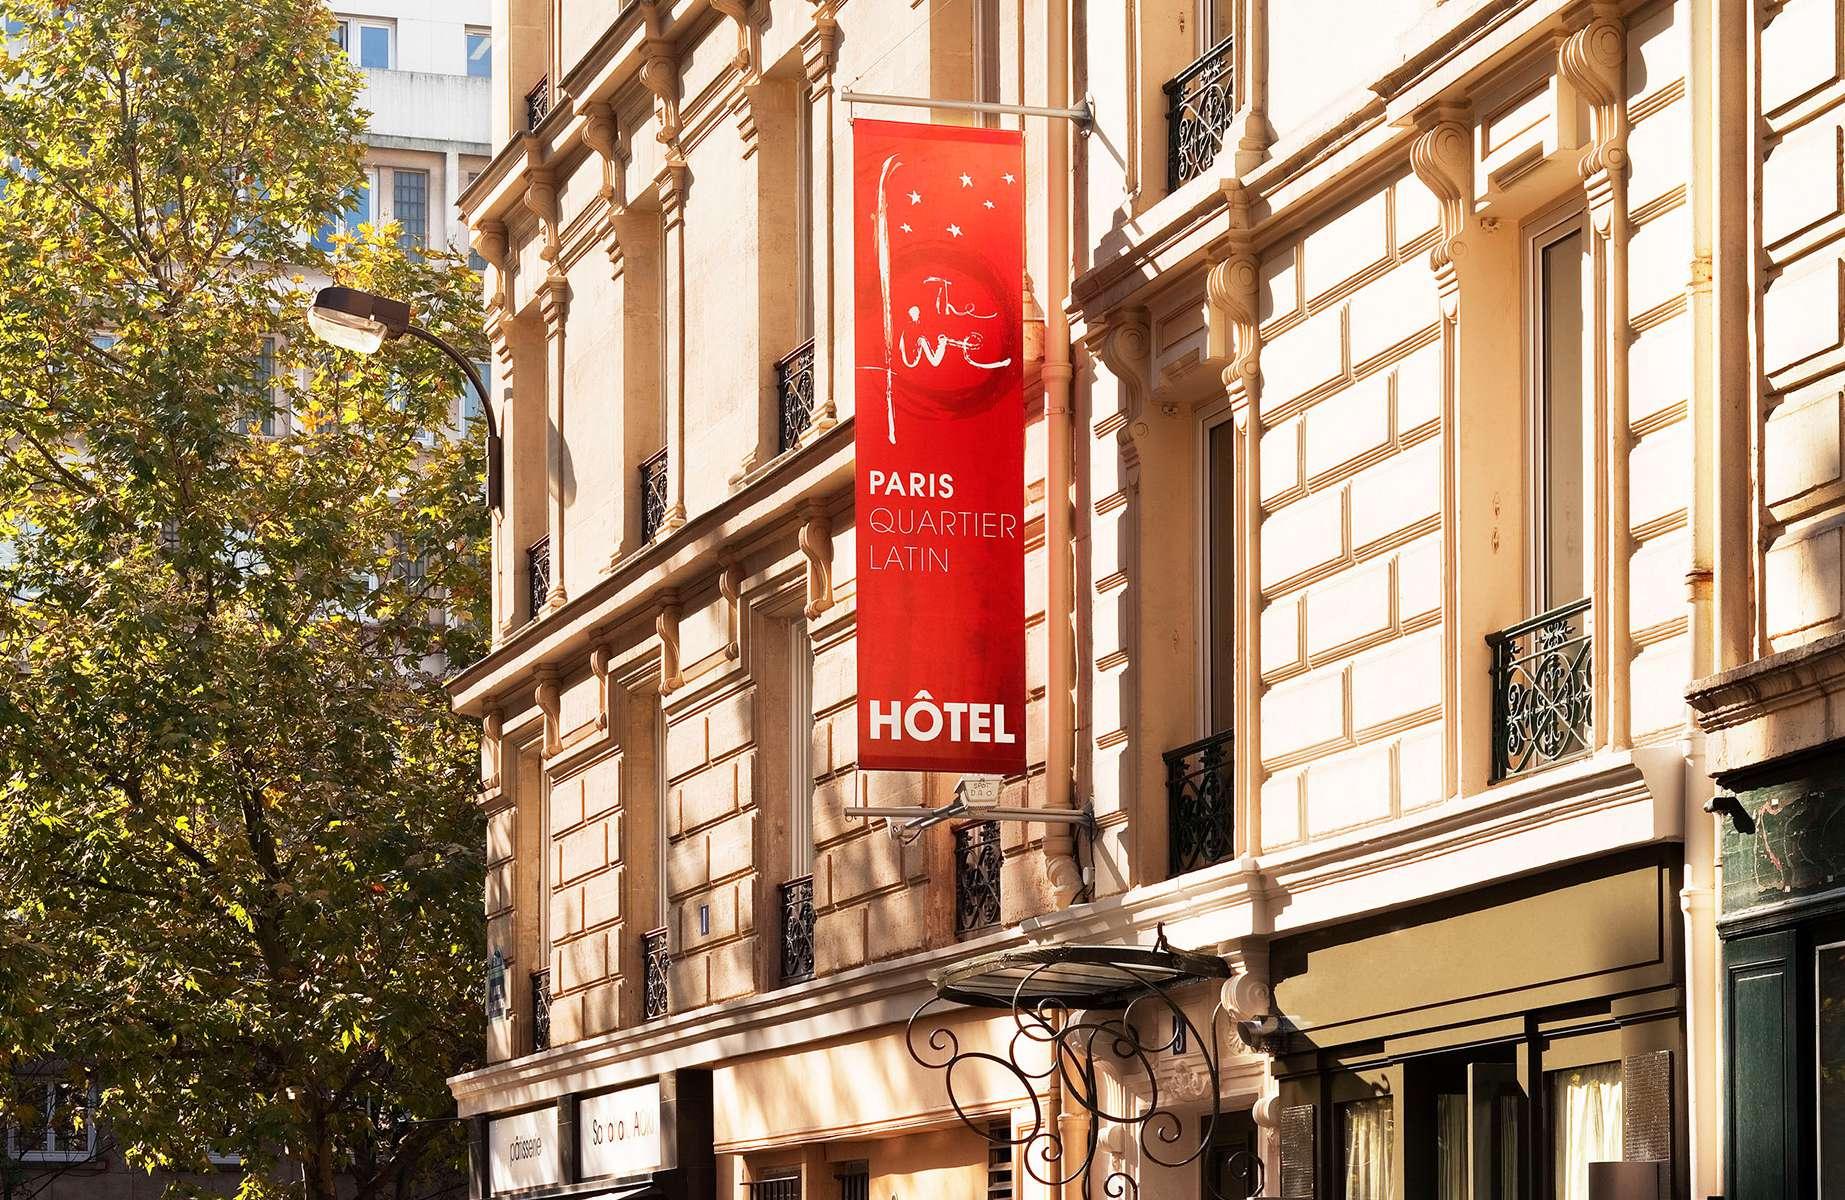 Five Boutique Hotel Paris Quartier Latin - Site Officiel